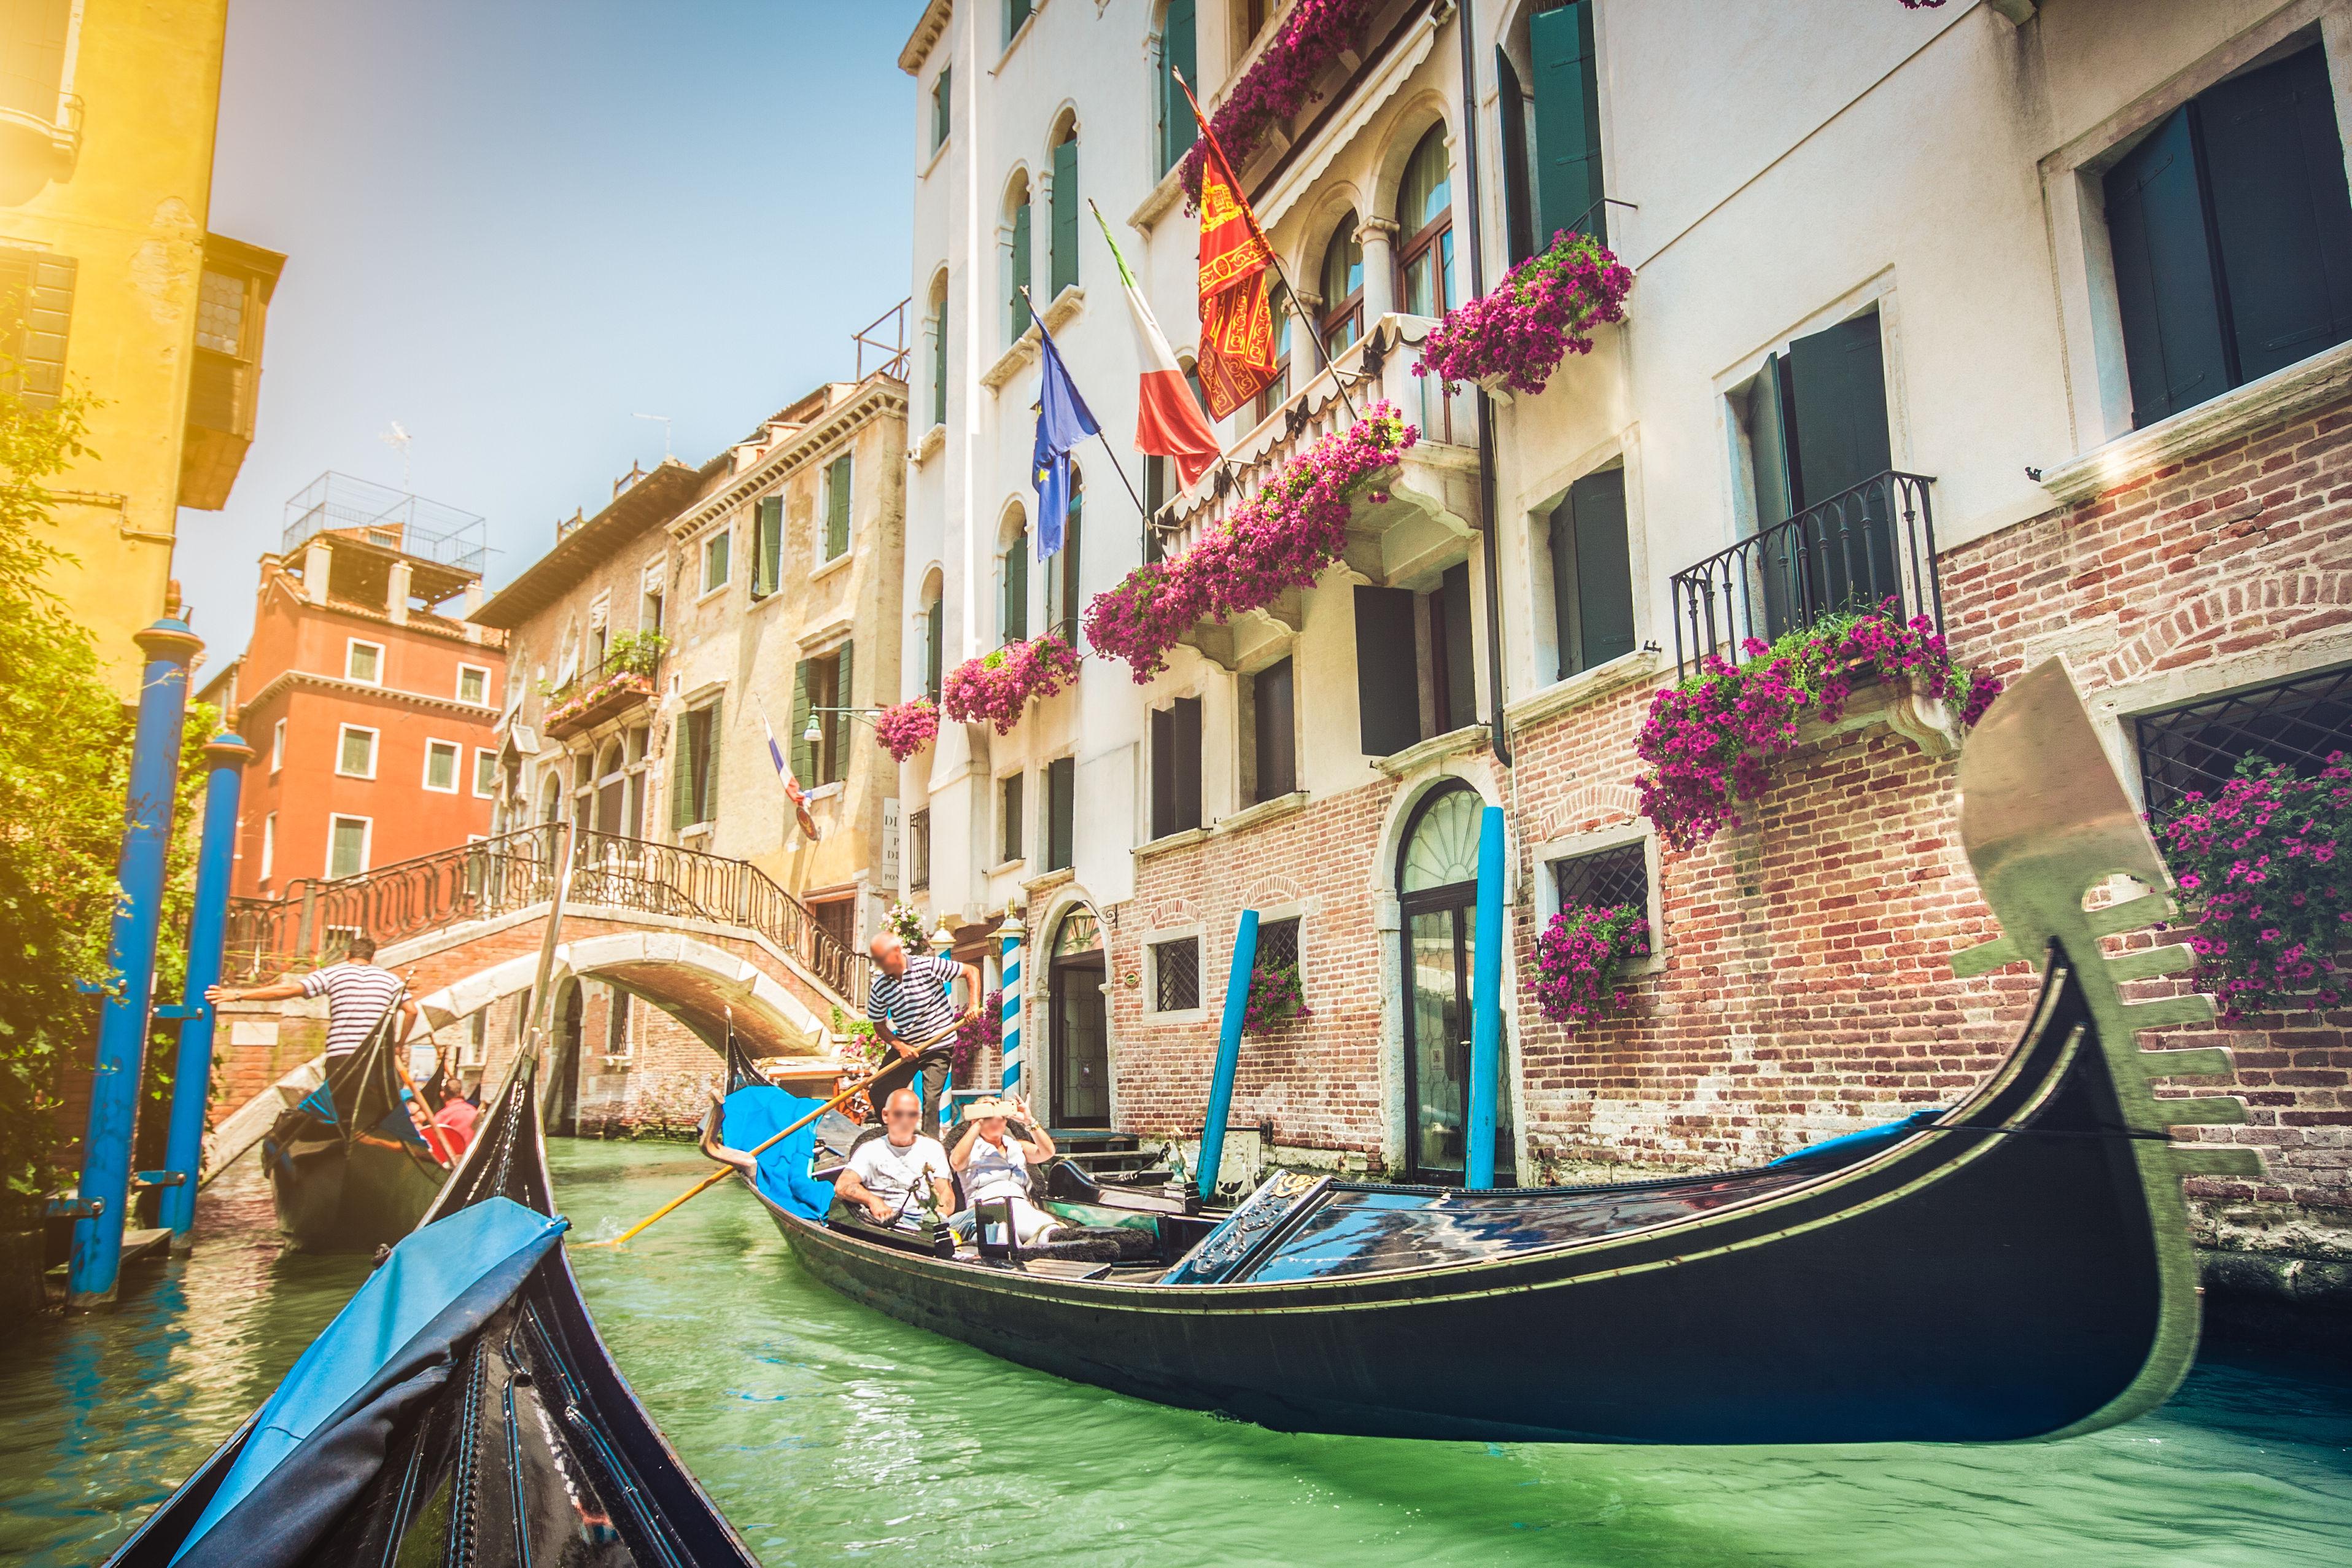 Gondolas of Italy